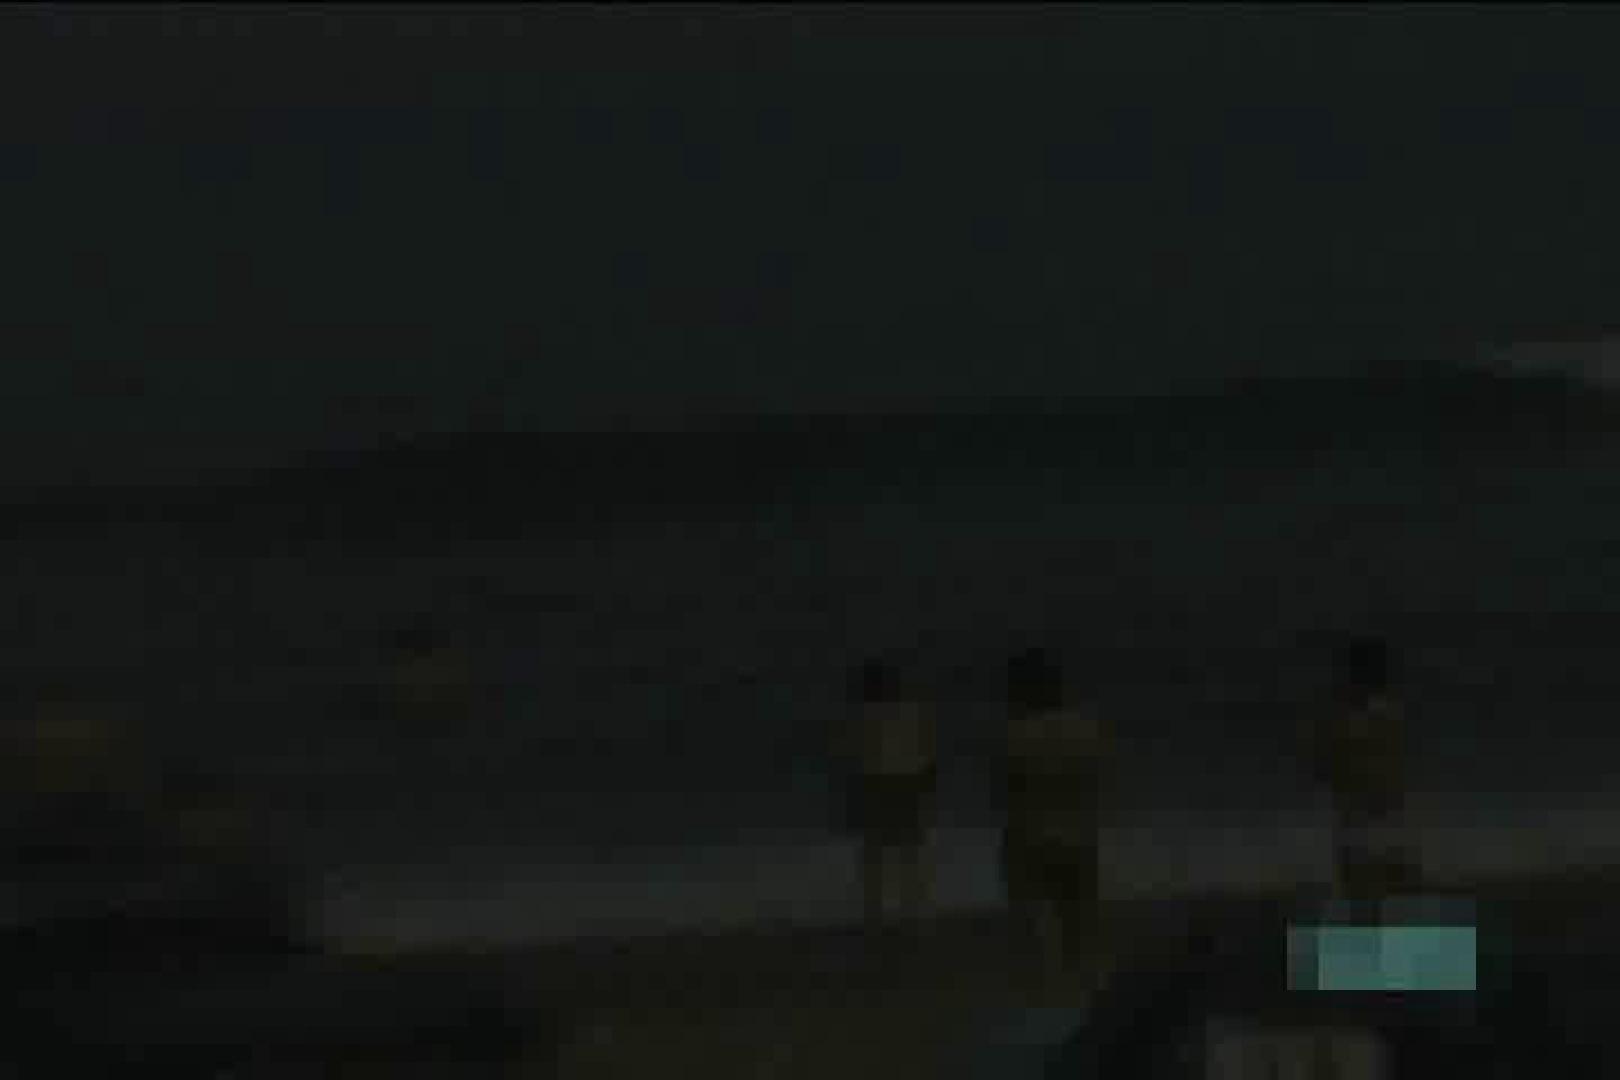 真夏のビーチは危険地帯Vol.3 ハプニング アダルト動画キャプチャ 107PIX 7